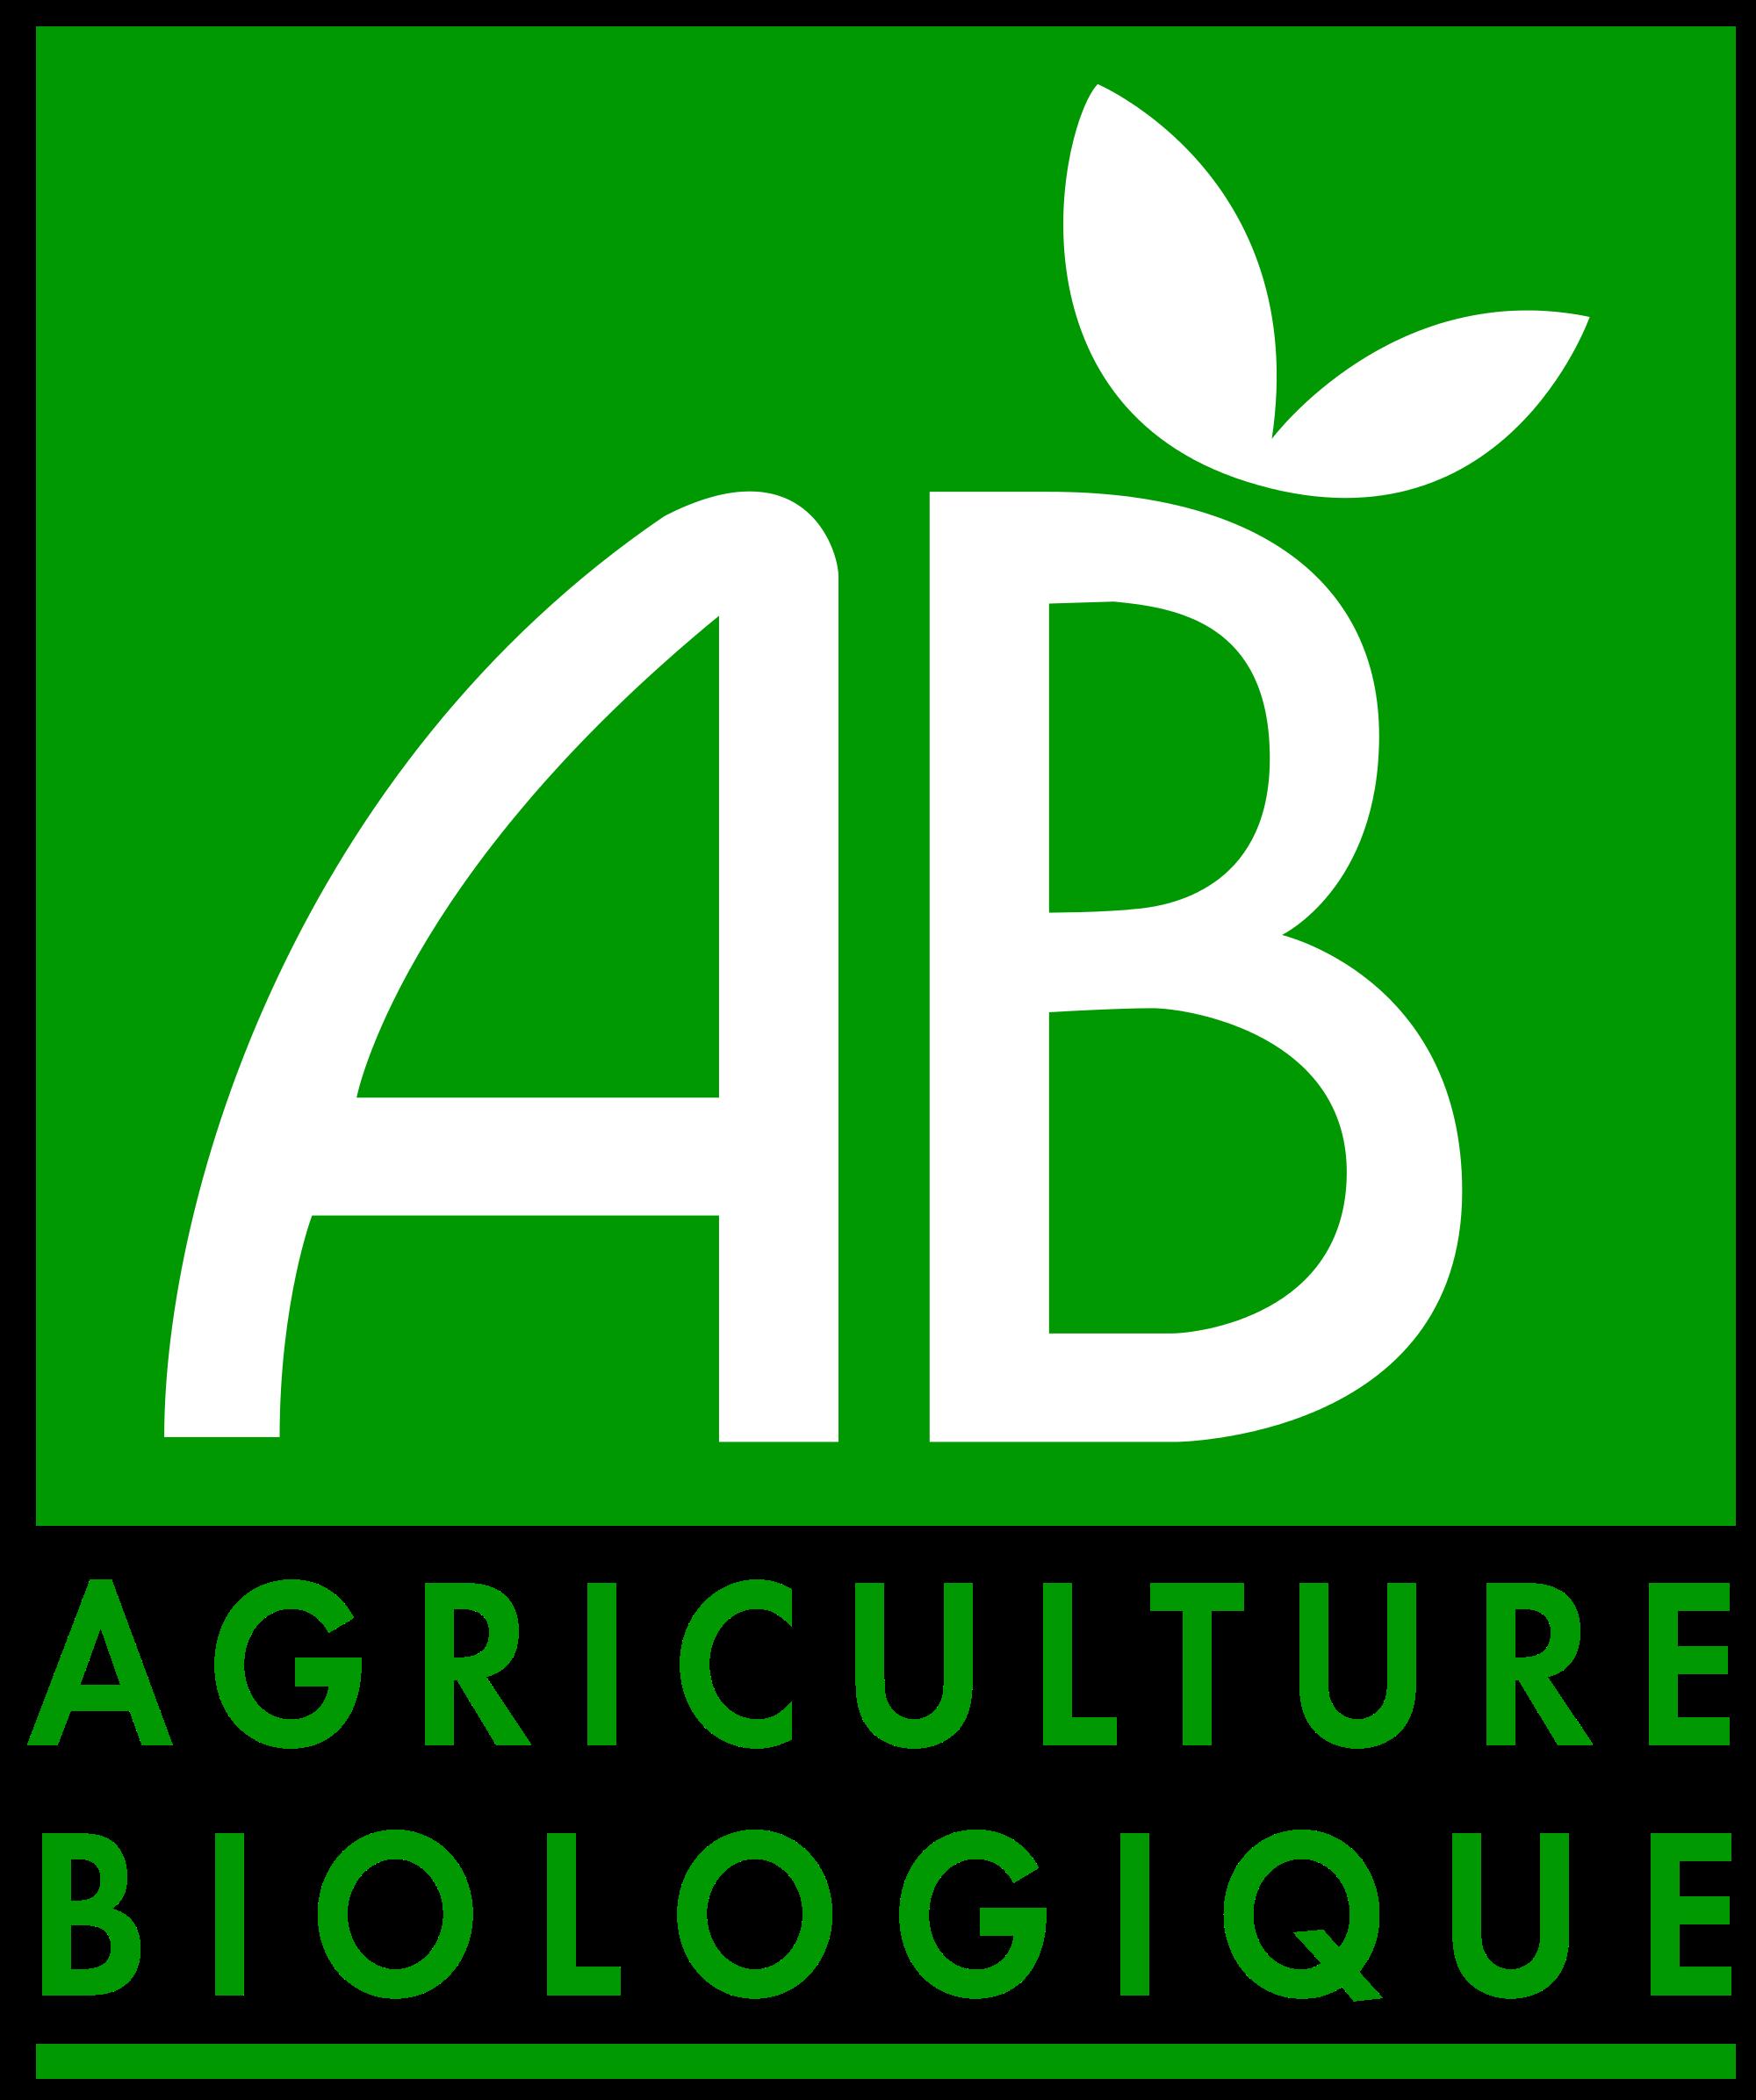 Сертификат Agriculture Biologique - интернет-магазин эфирных масел Romata.ru